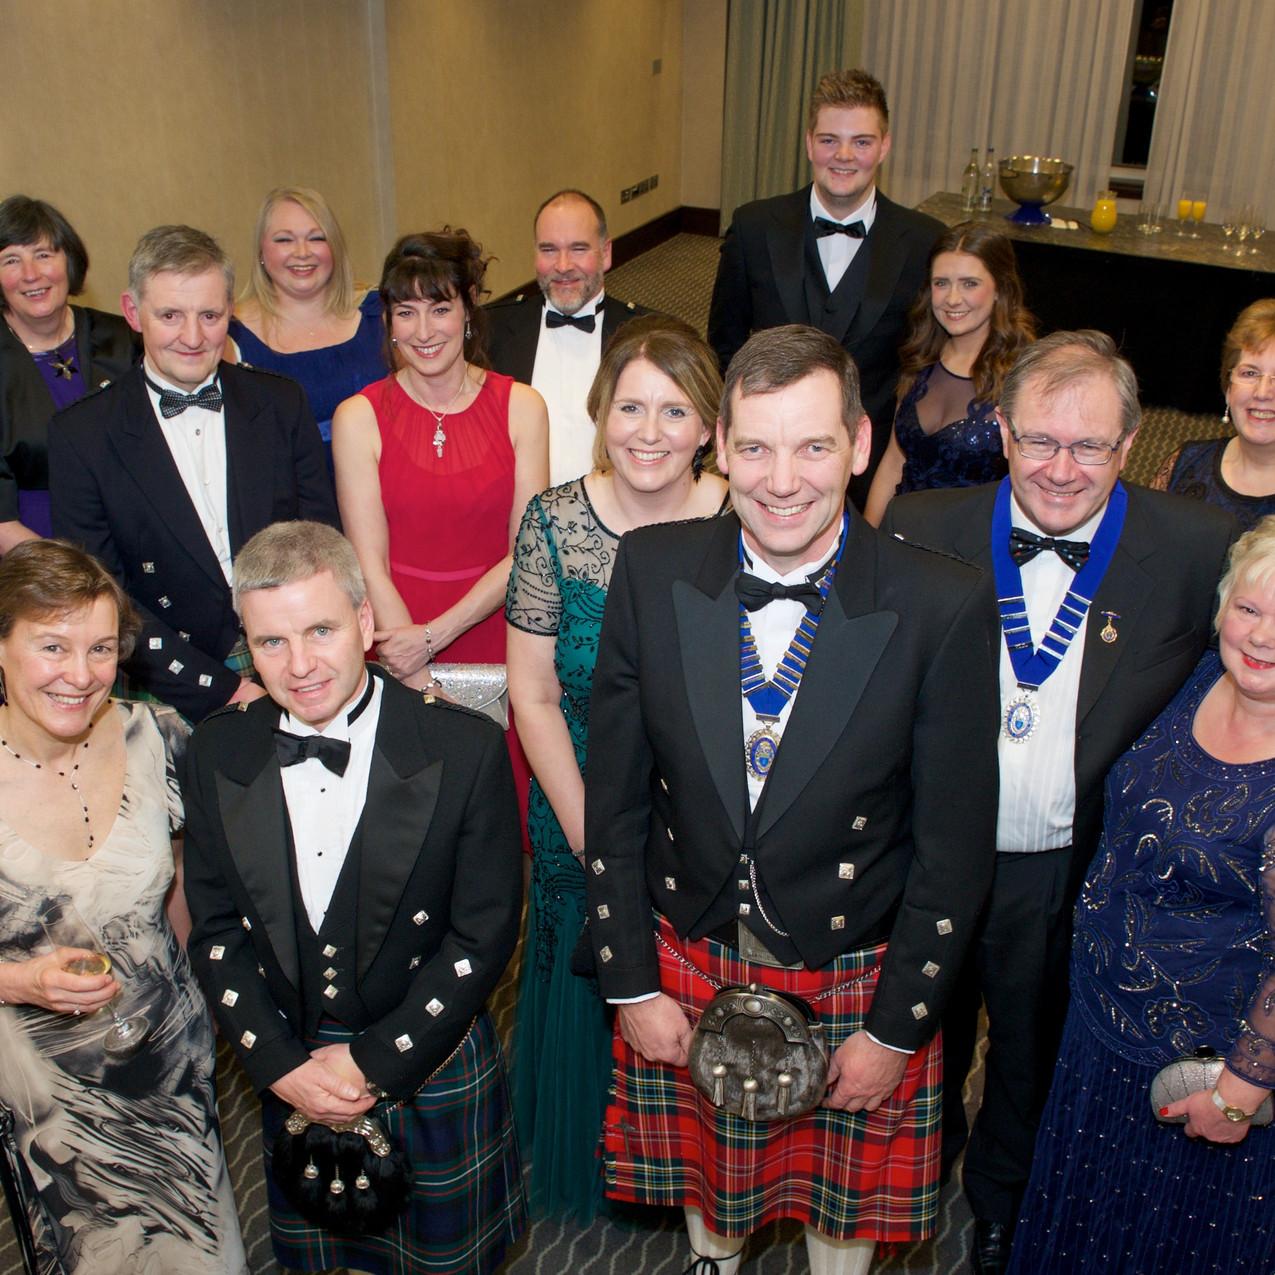 Glenammer Sponsored 2016 Institute of Quarrying Scottish Branch Dinner Dance